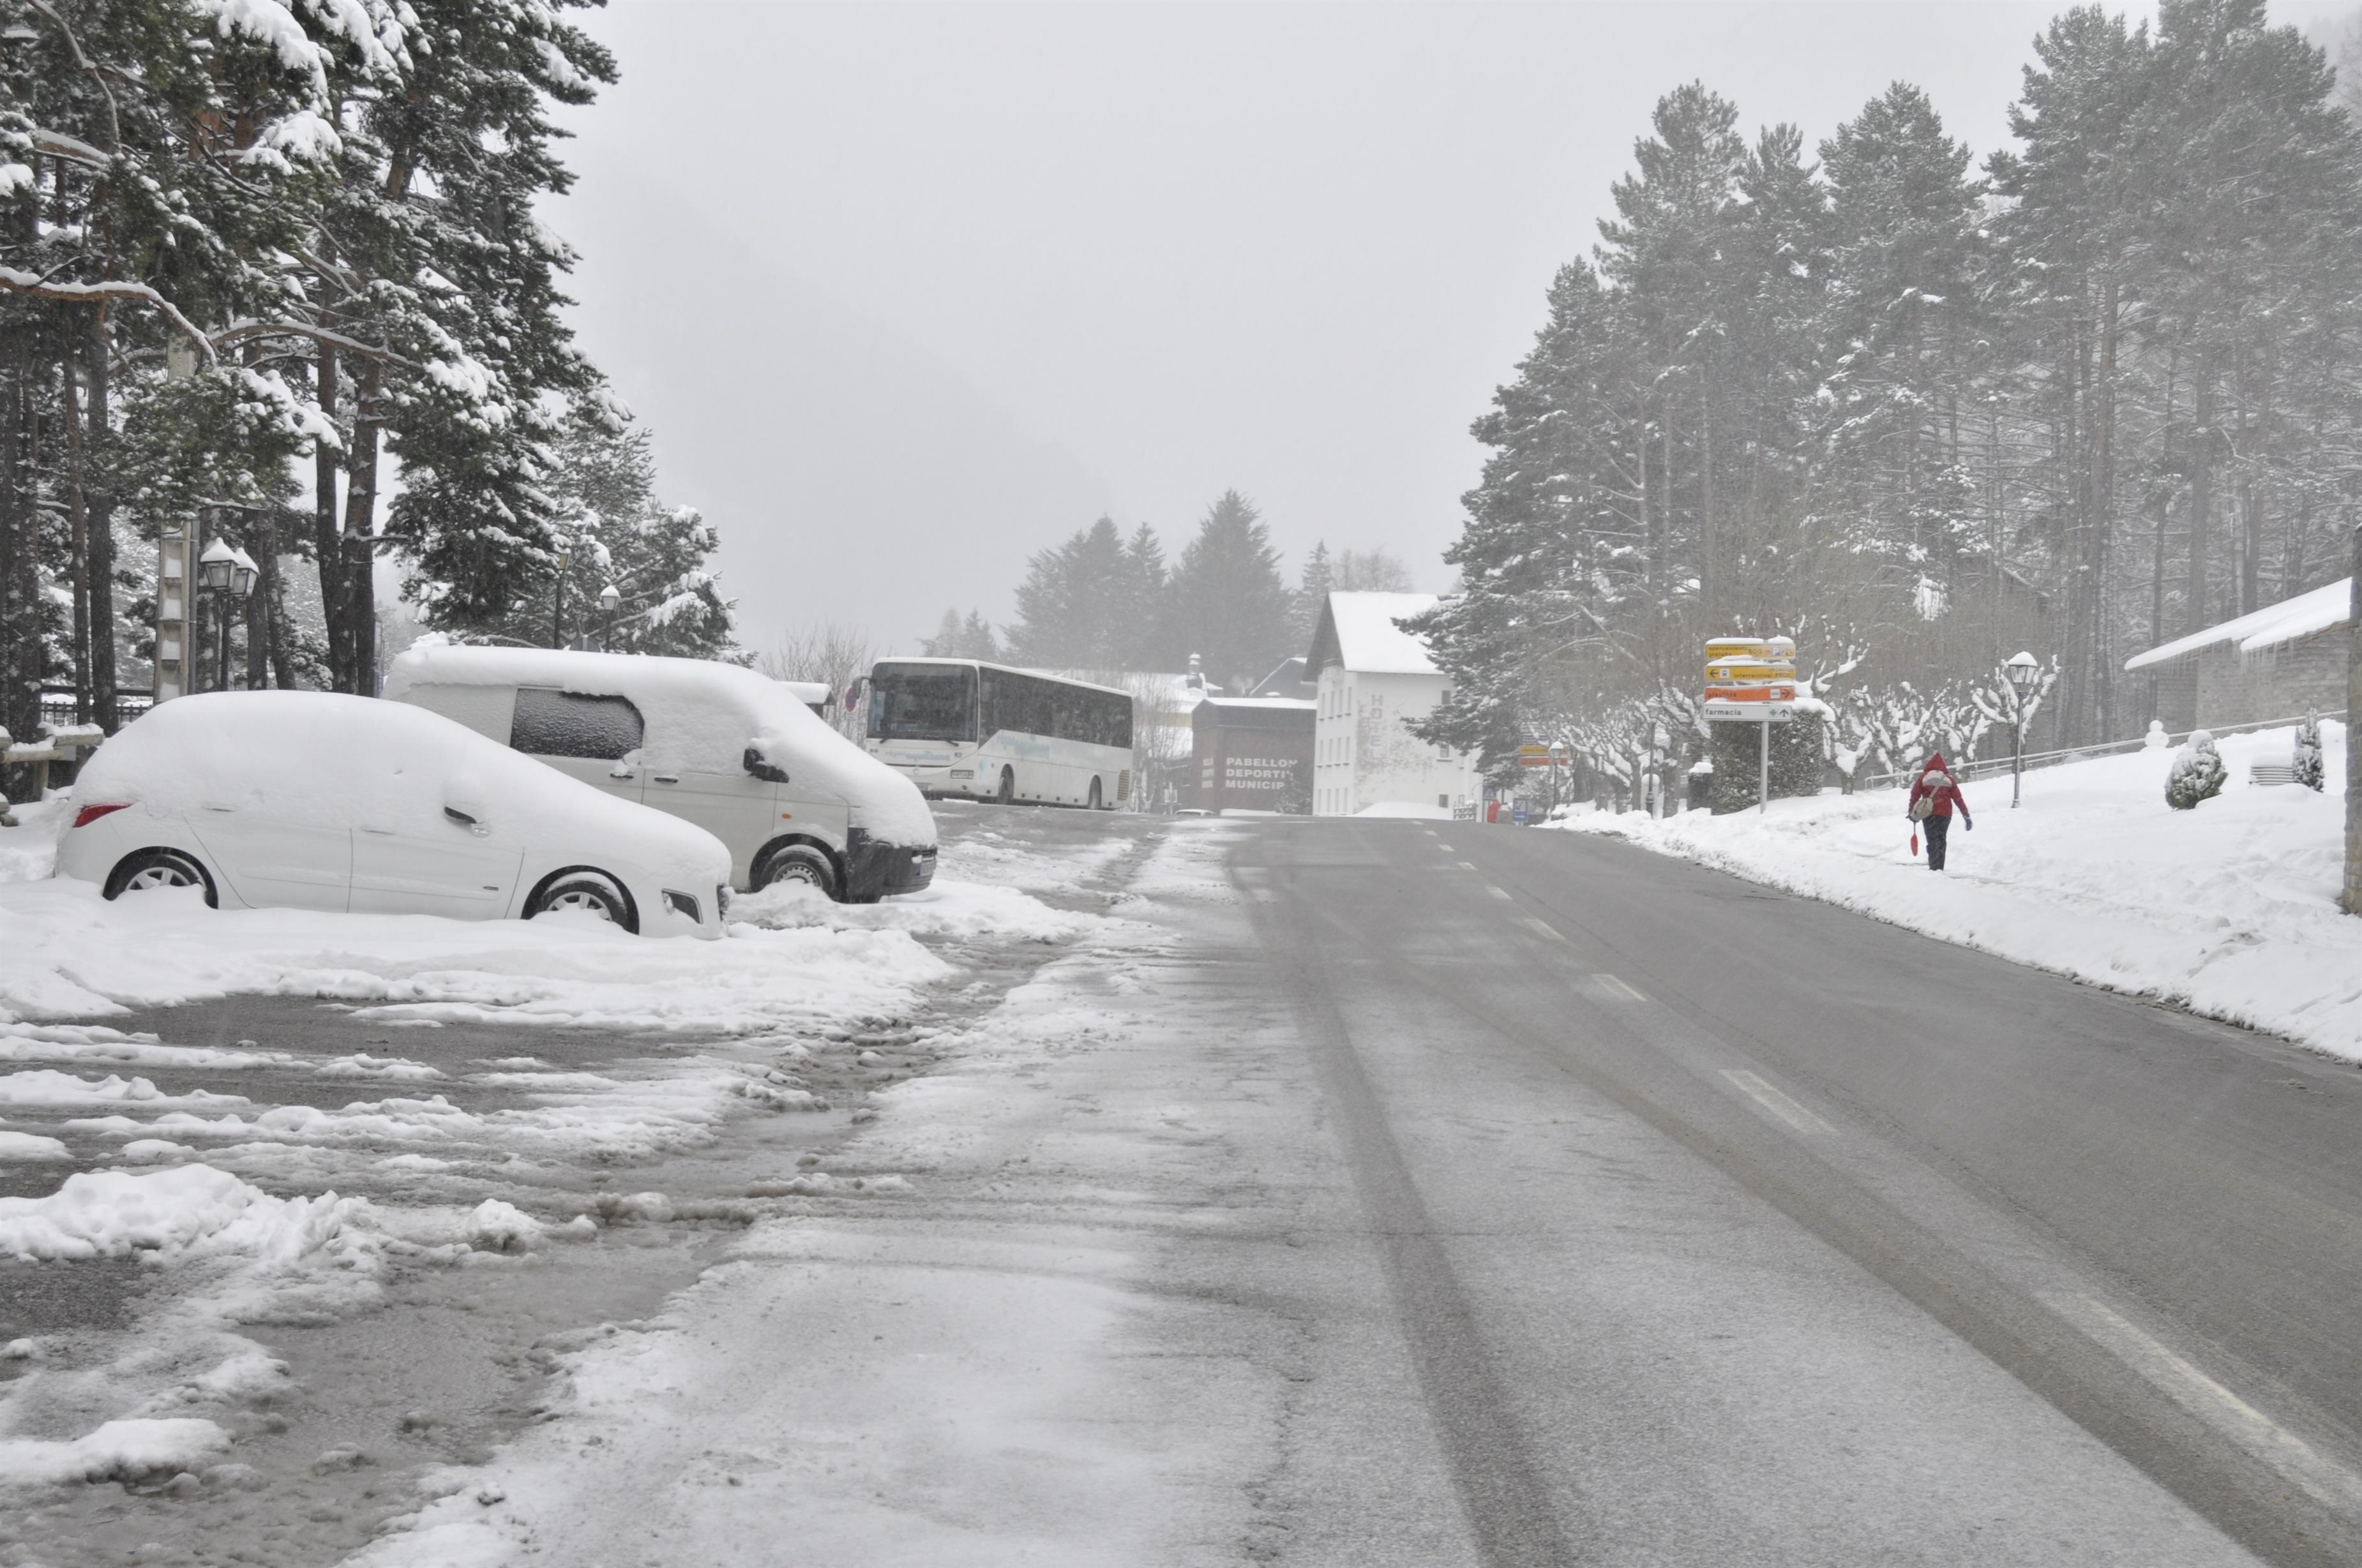 El temporal de nieve obliga a cortar tres carreteras en Huesca y son necesarias cadenas en 16